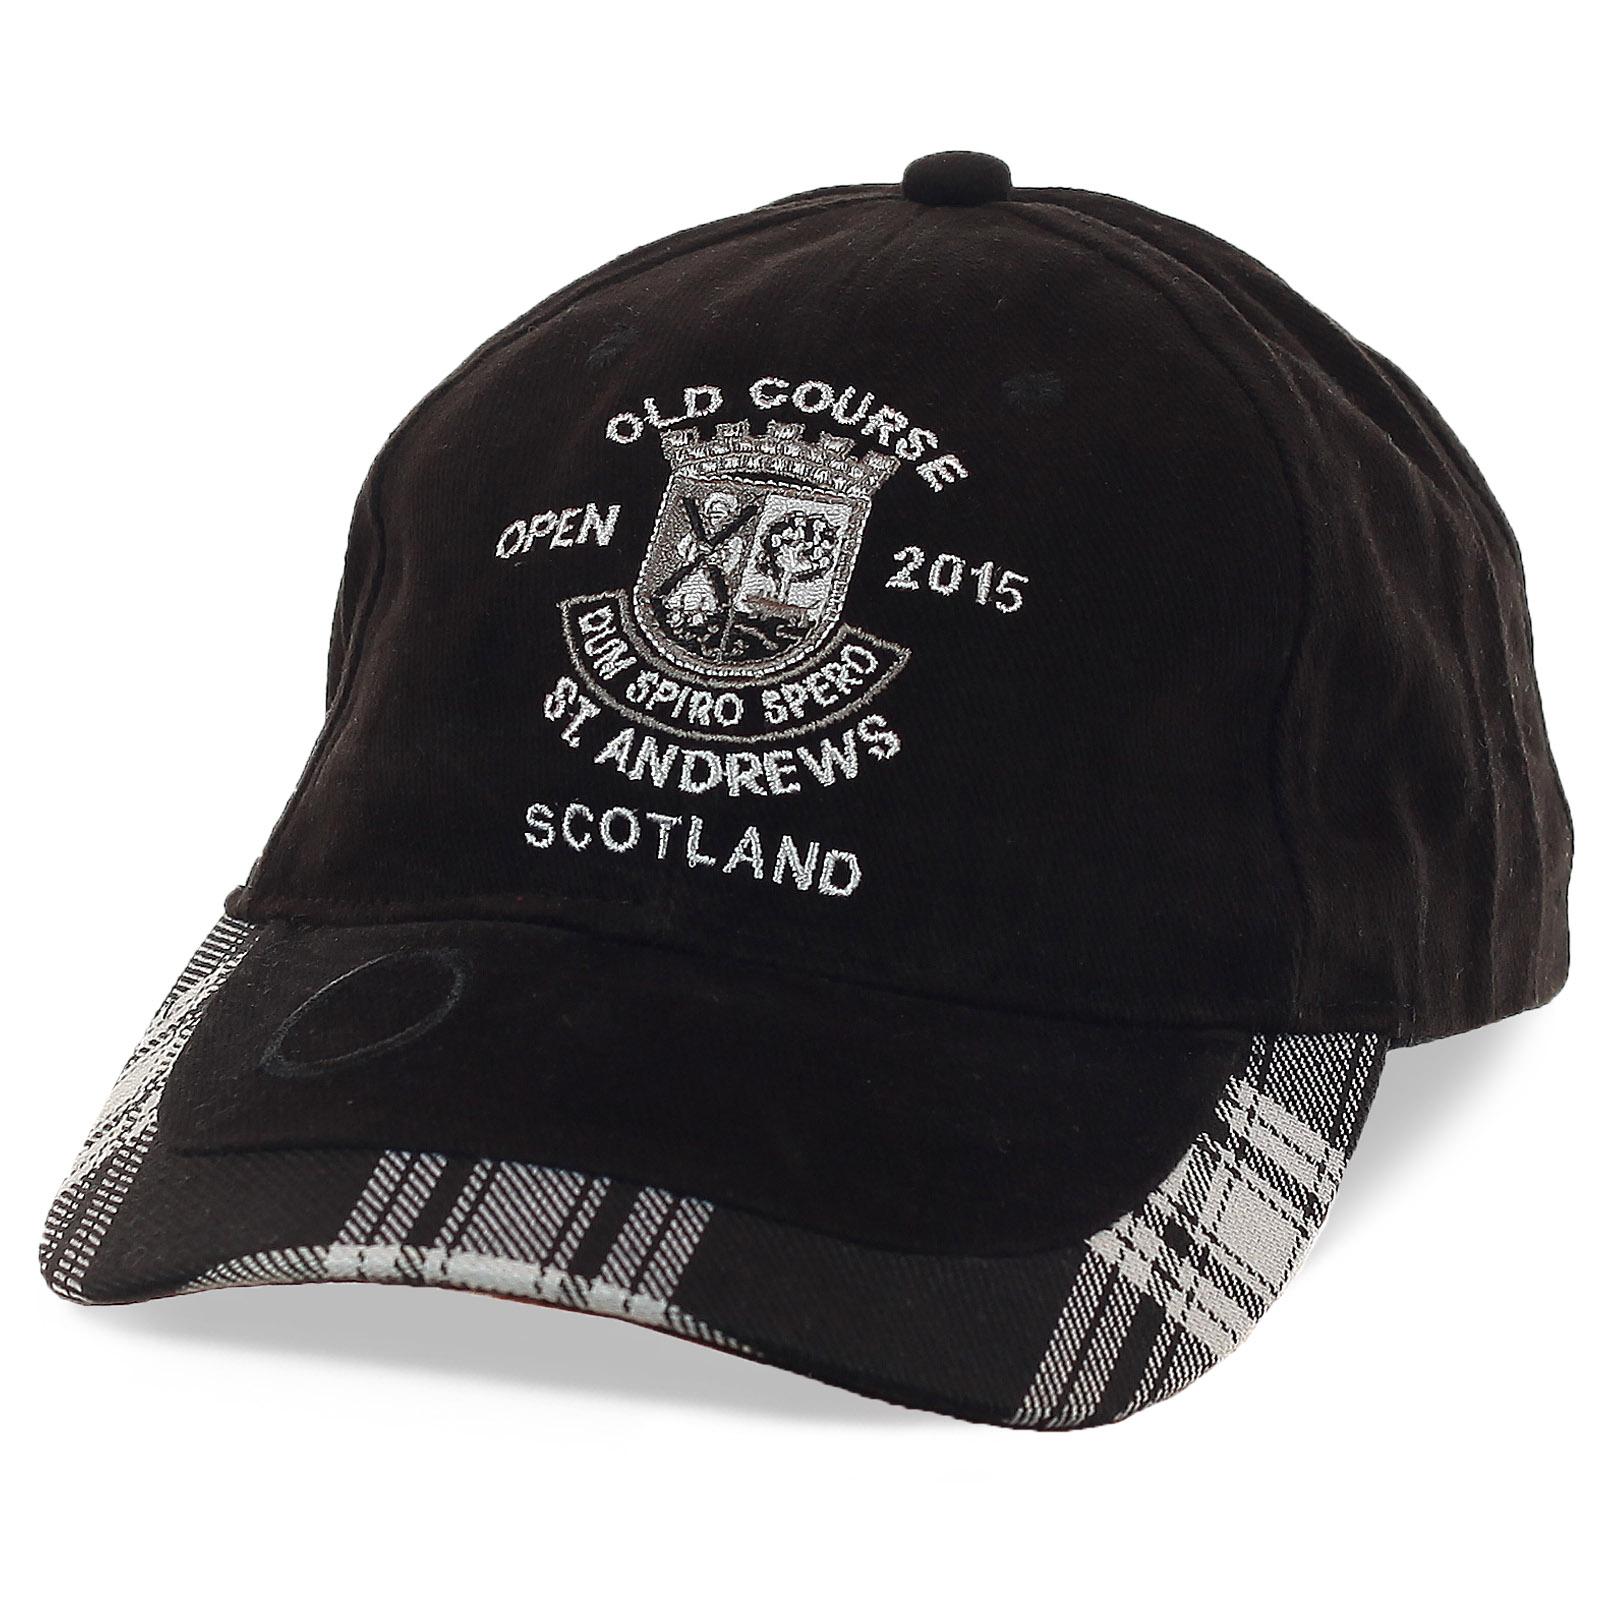 Черно-белая бейсболка Old Course St. Andrews с крылатым выражением – «dum spiro, spero» - пока дышу, надеюсь. Фишка модели – плотный козырек с геометрическим принтом